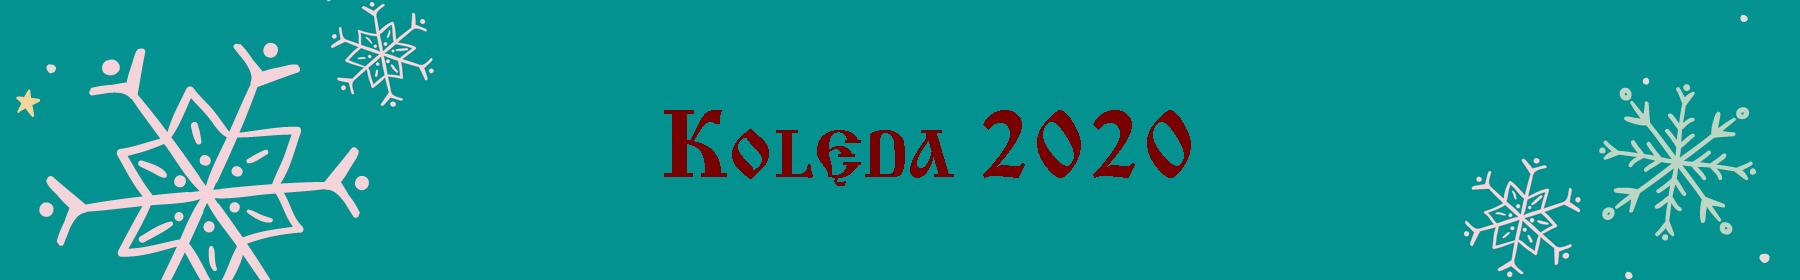 koleda2020